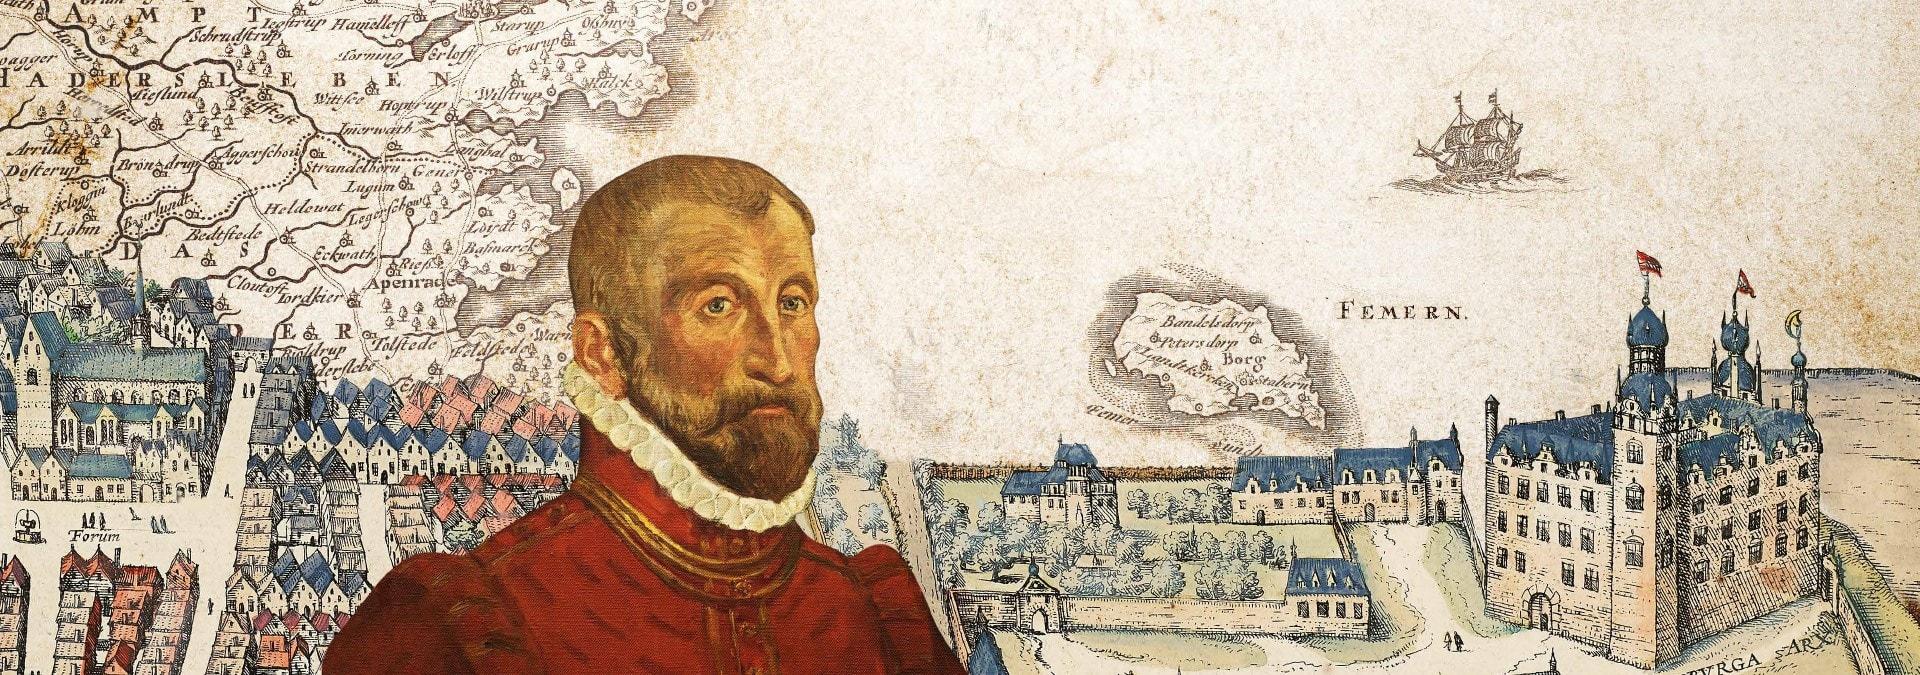 Det forsvundne hertugdømme: Hans den Ældre 500 år